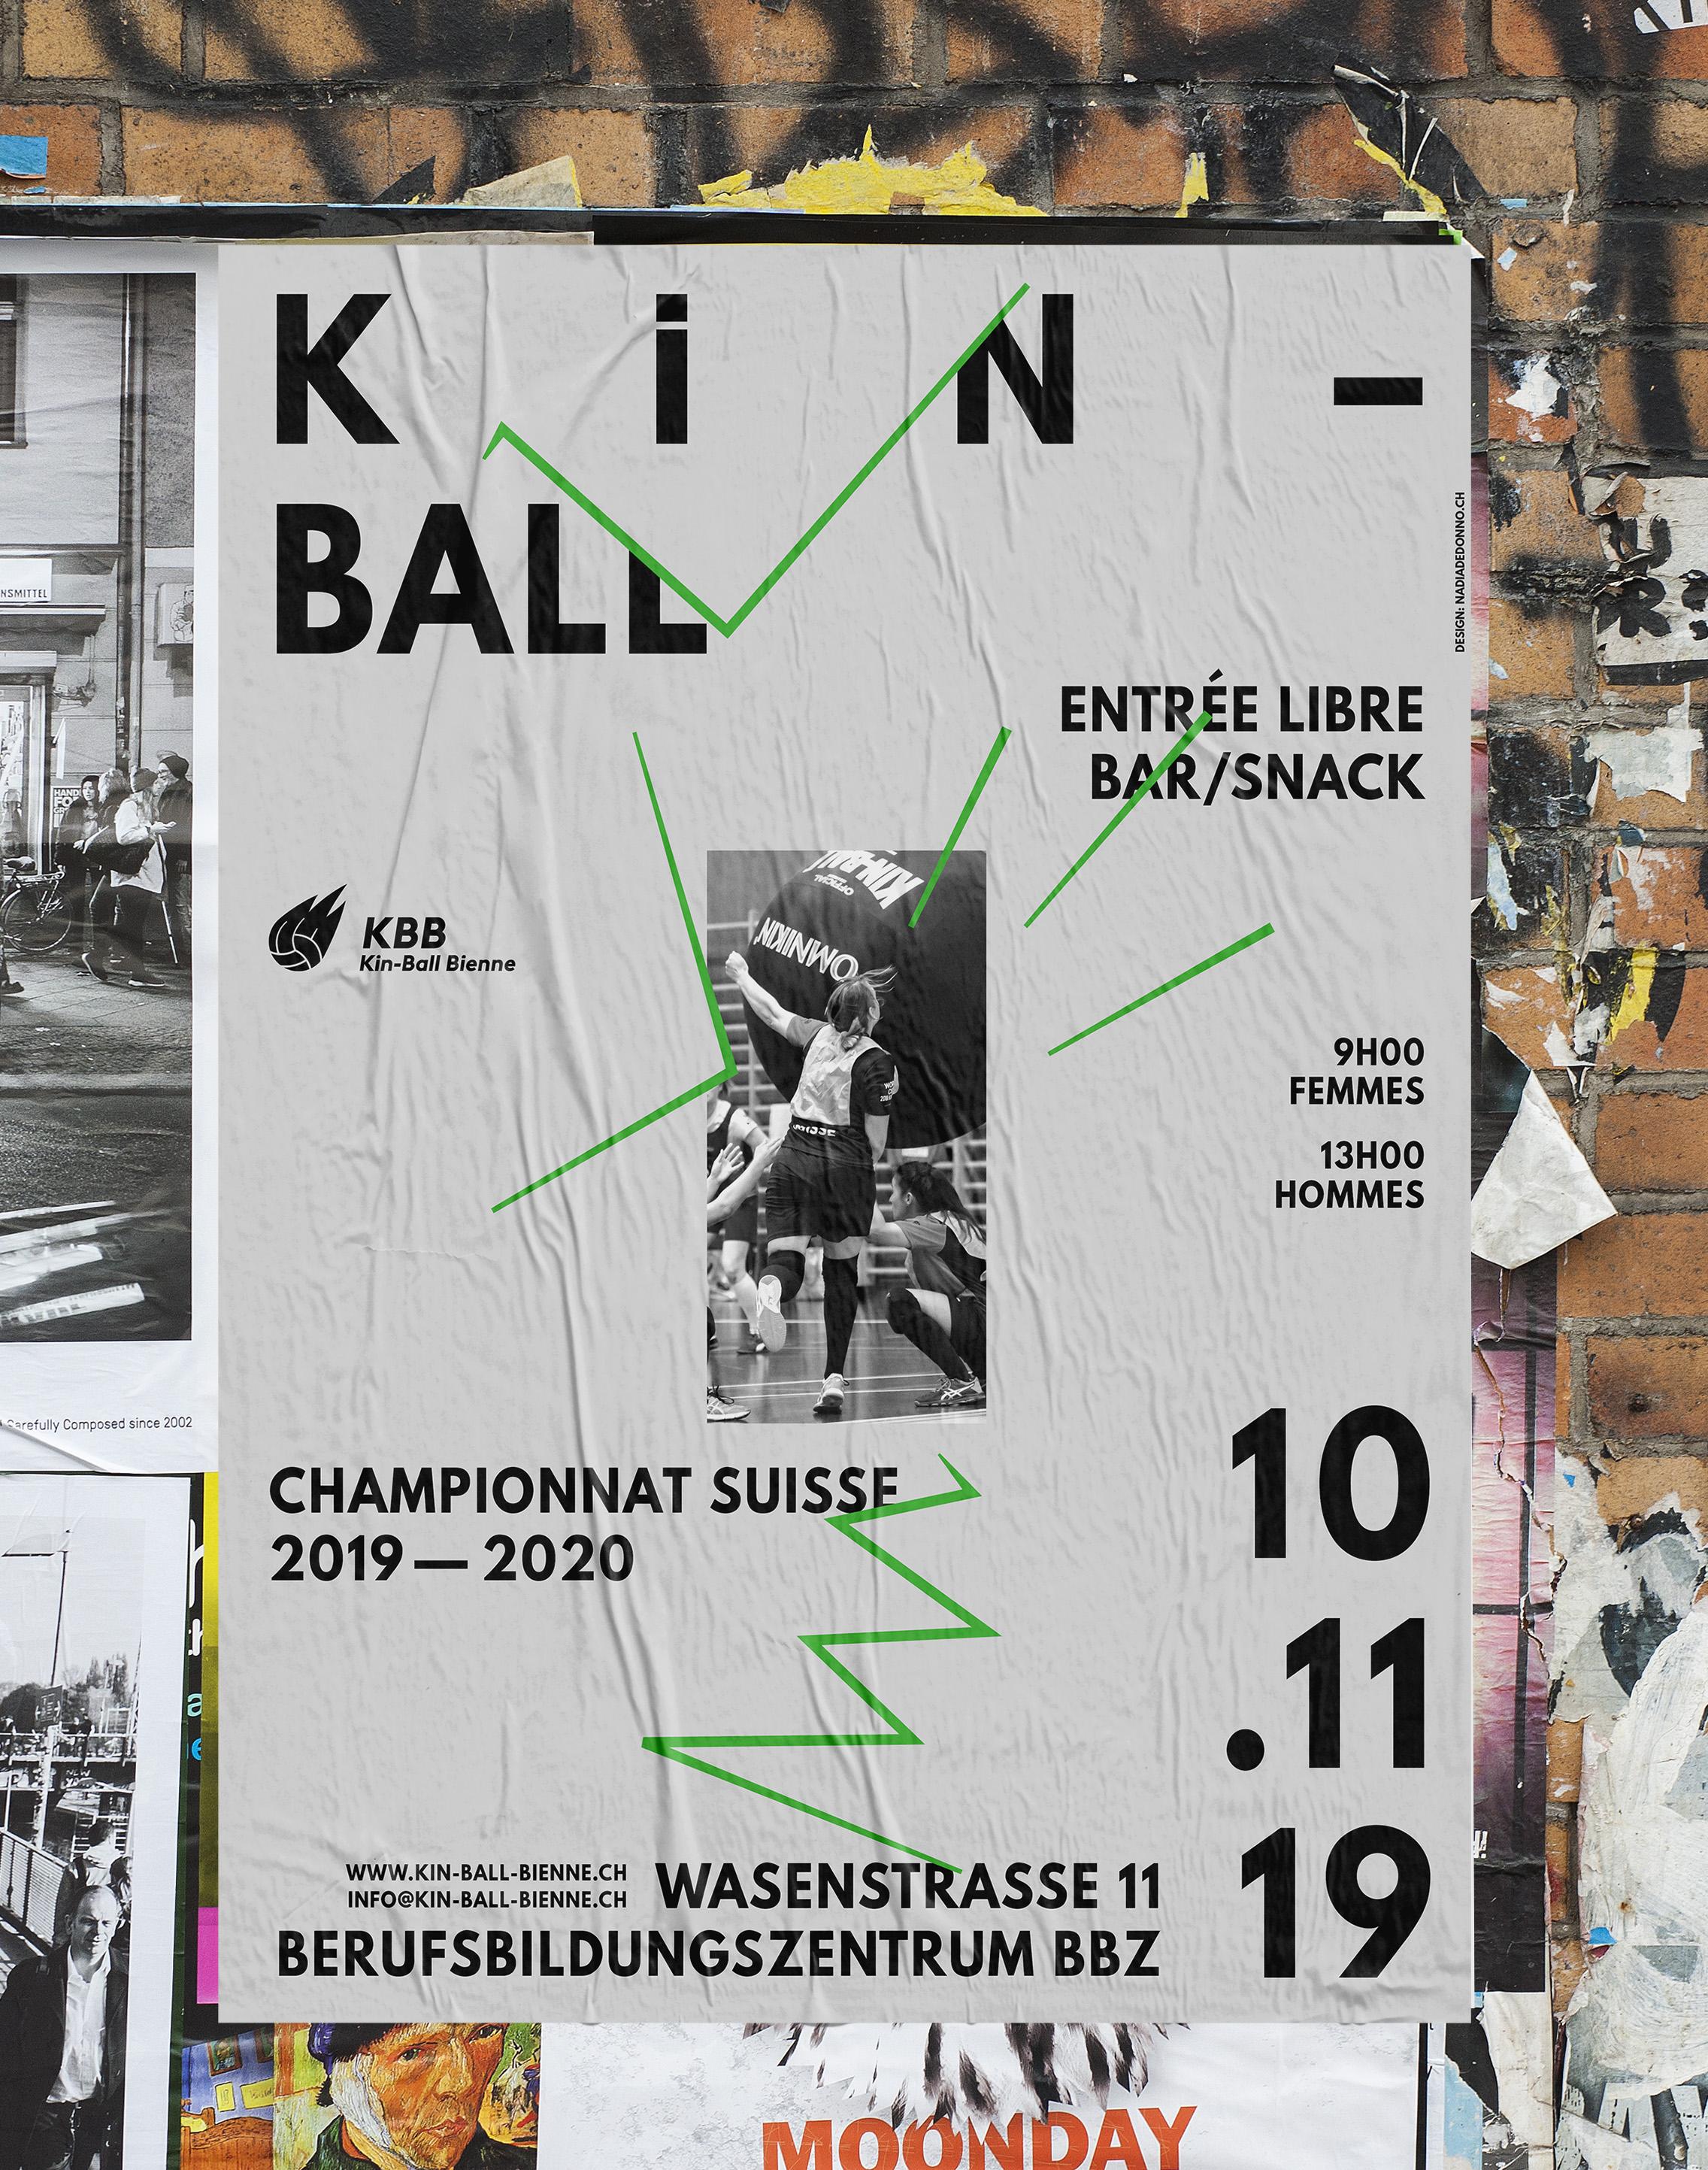 Nadia de Donno Kin-Ball Bienne